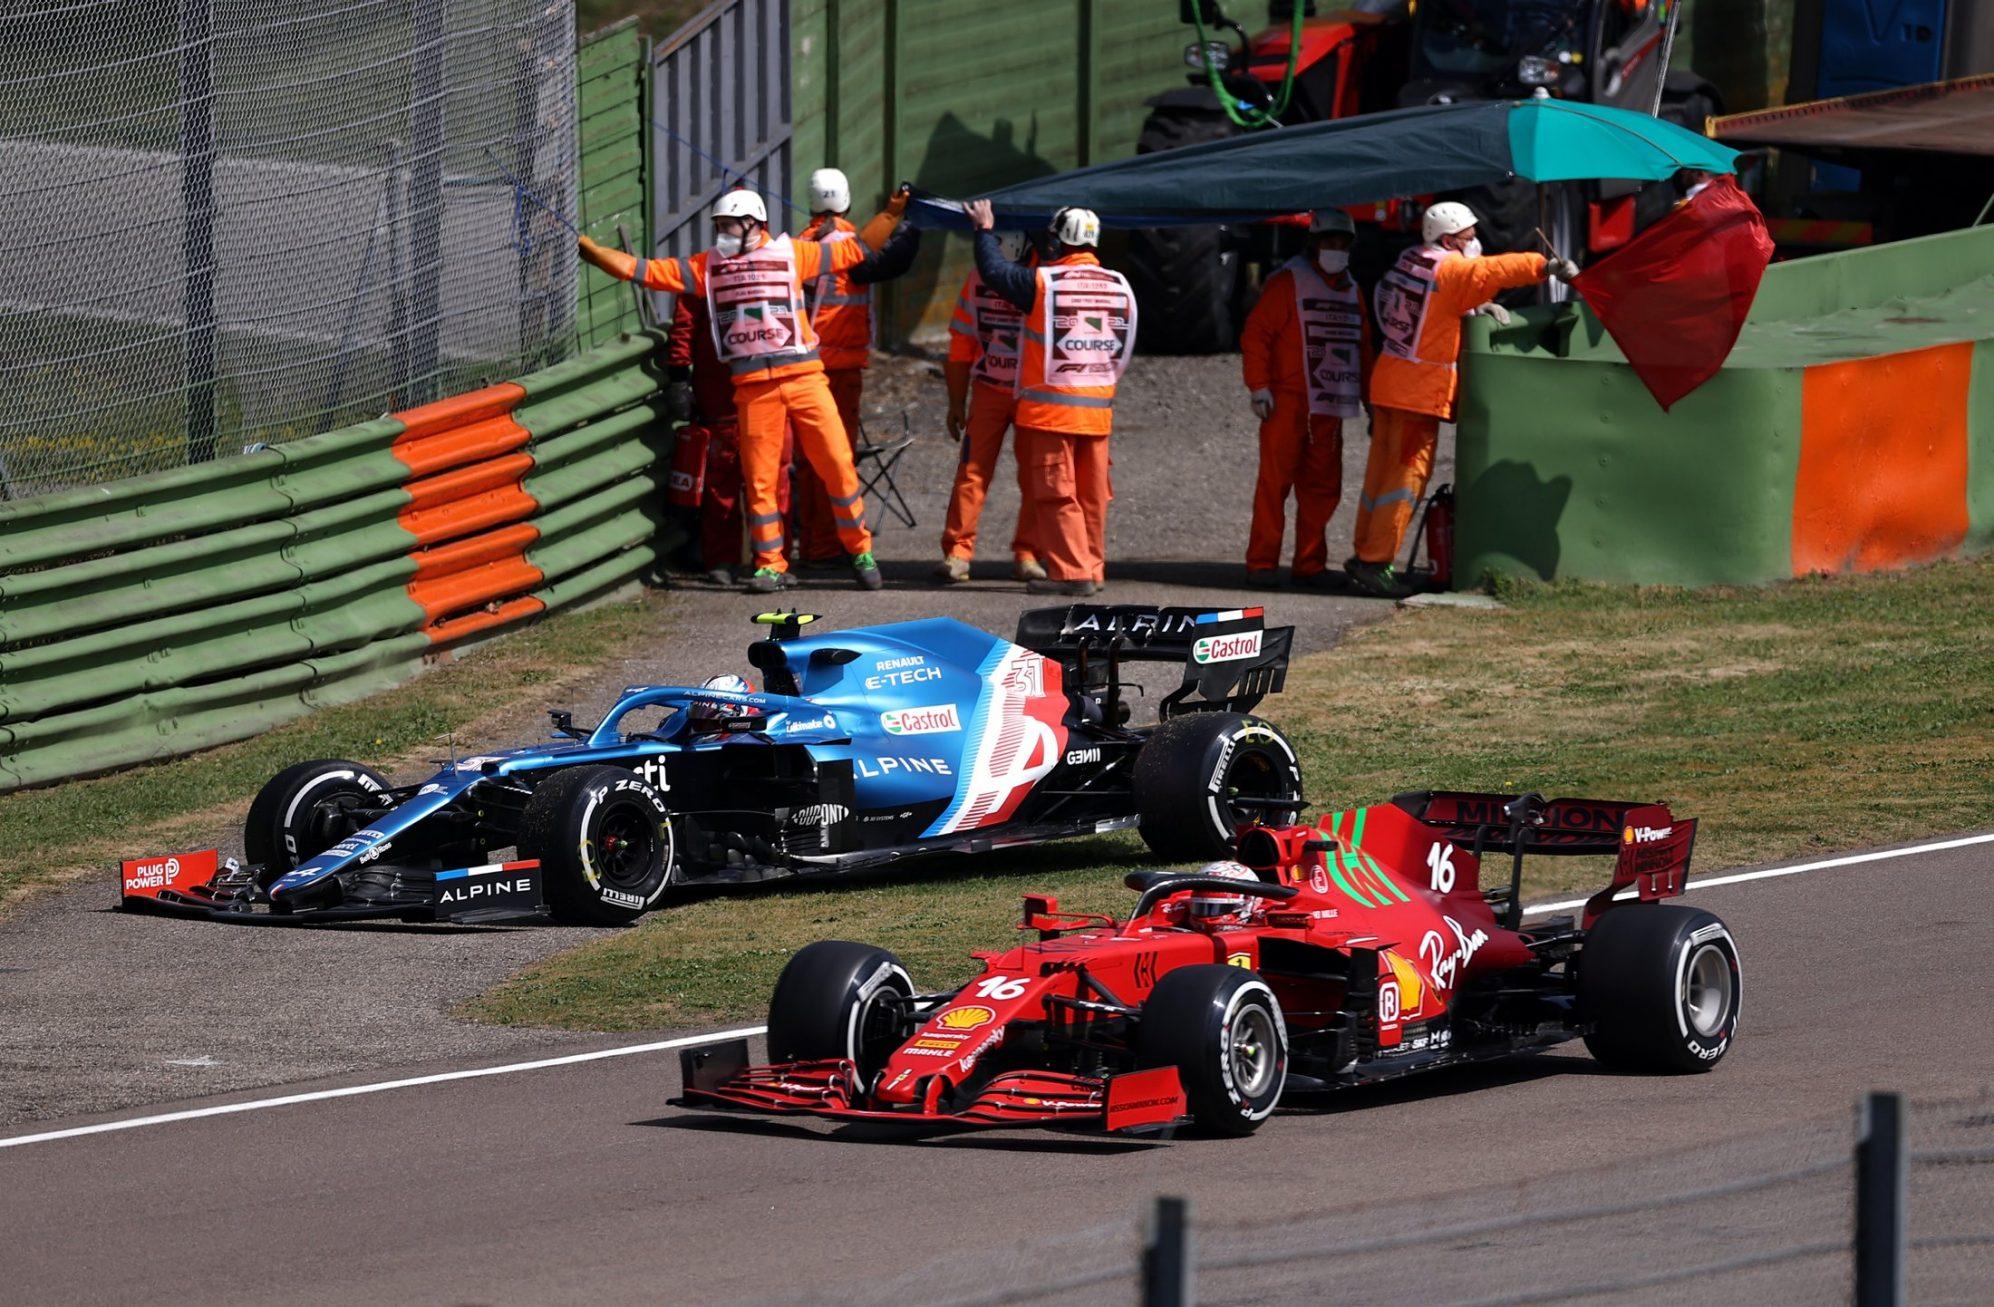 F1 2021 – GP d'Emilie-Romagne (EL1) : Bottas devant, Ocon et Pérez s'accrochent